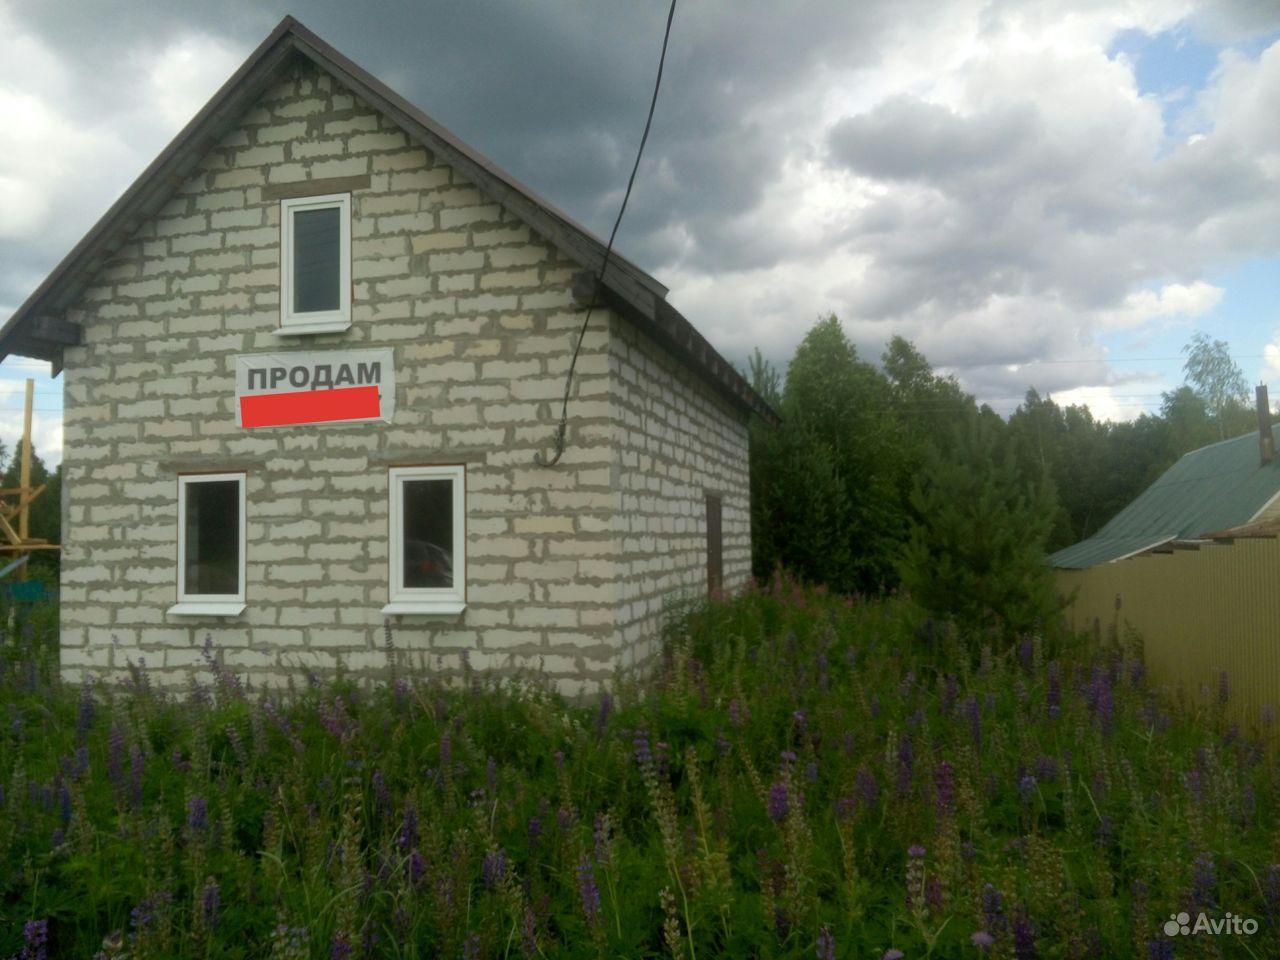 Недвижимость Дома, дачи, коттеджи / Дом 70.9 м² на участке 10 сот.